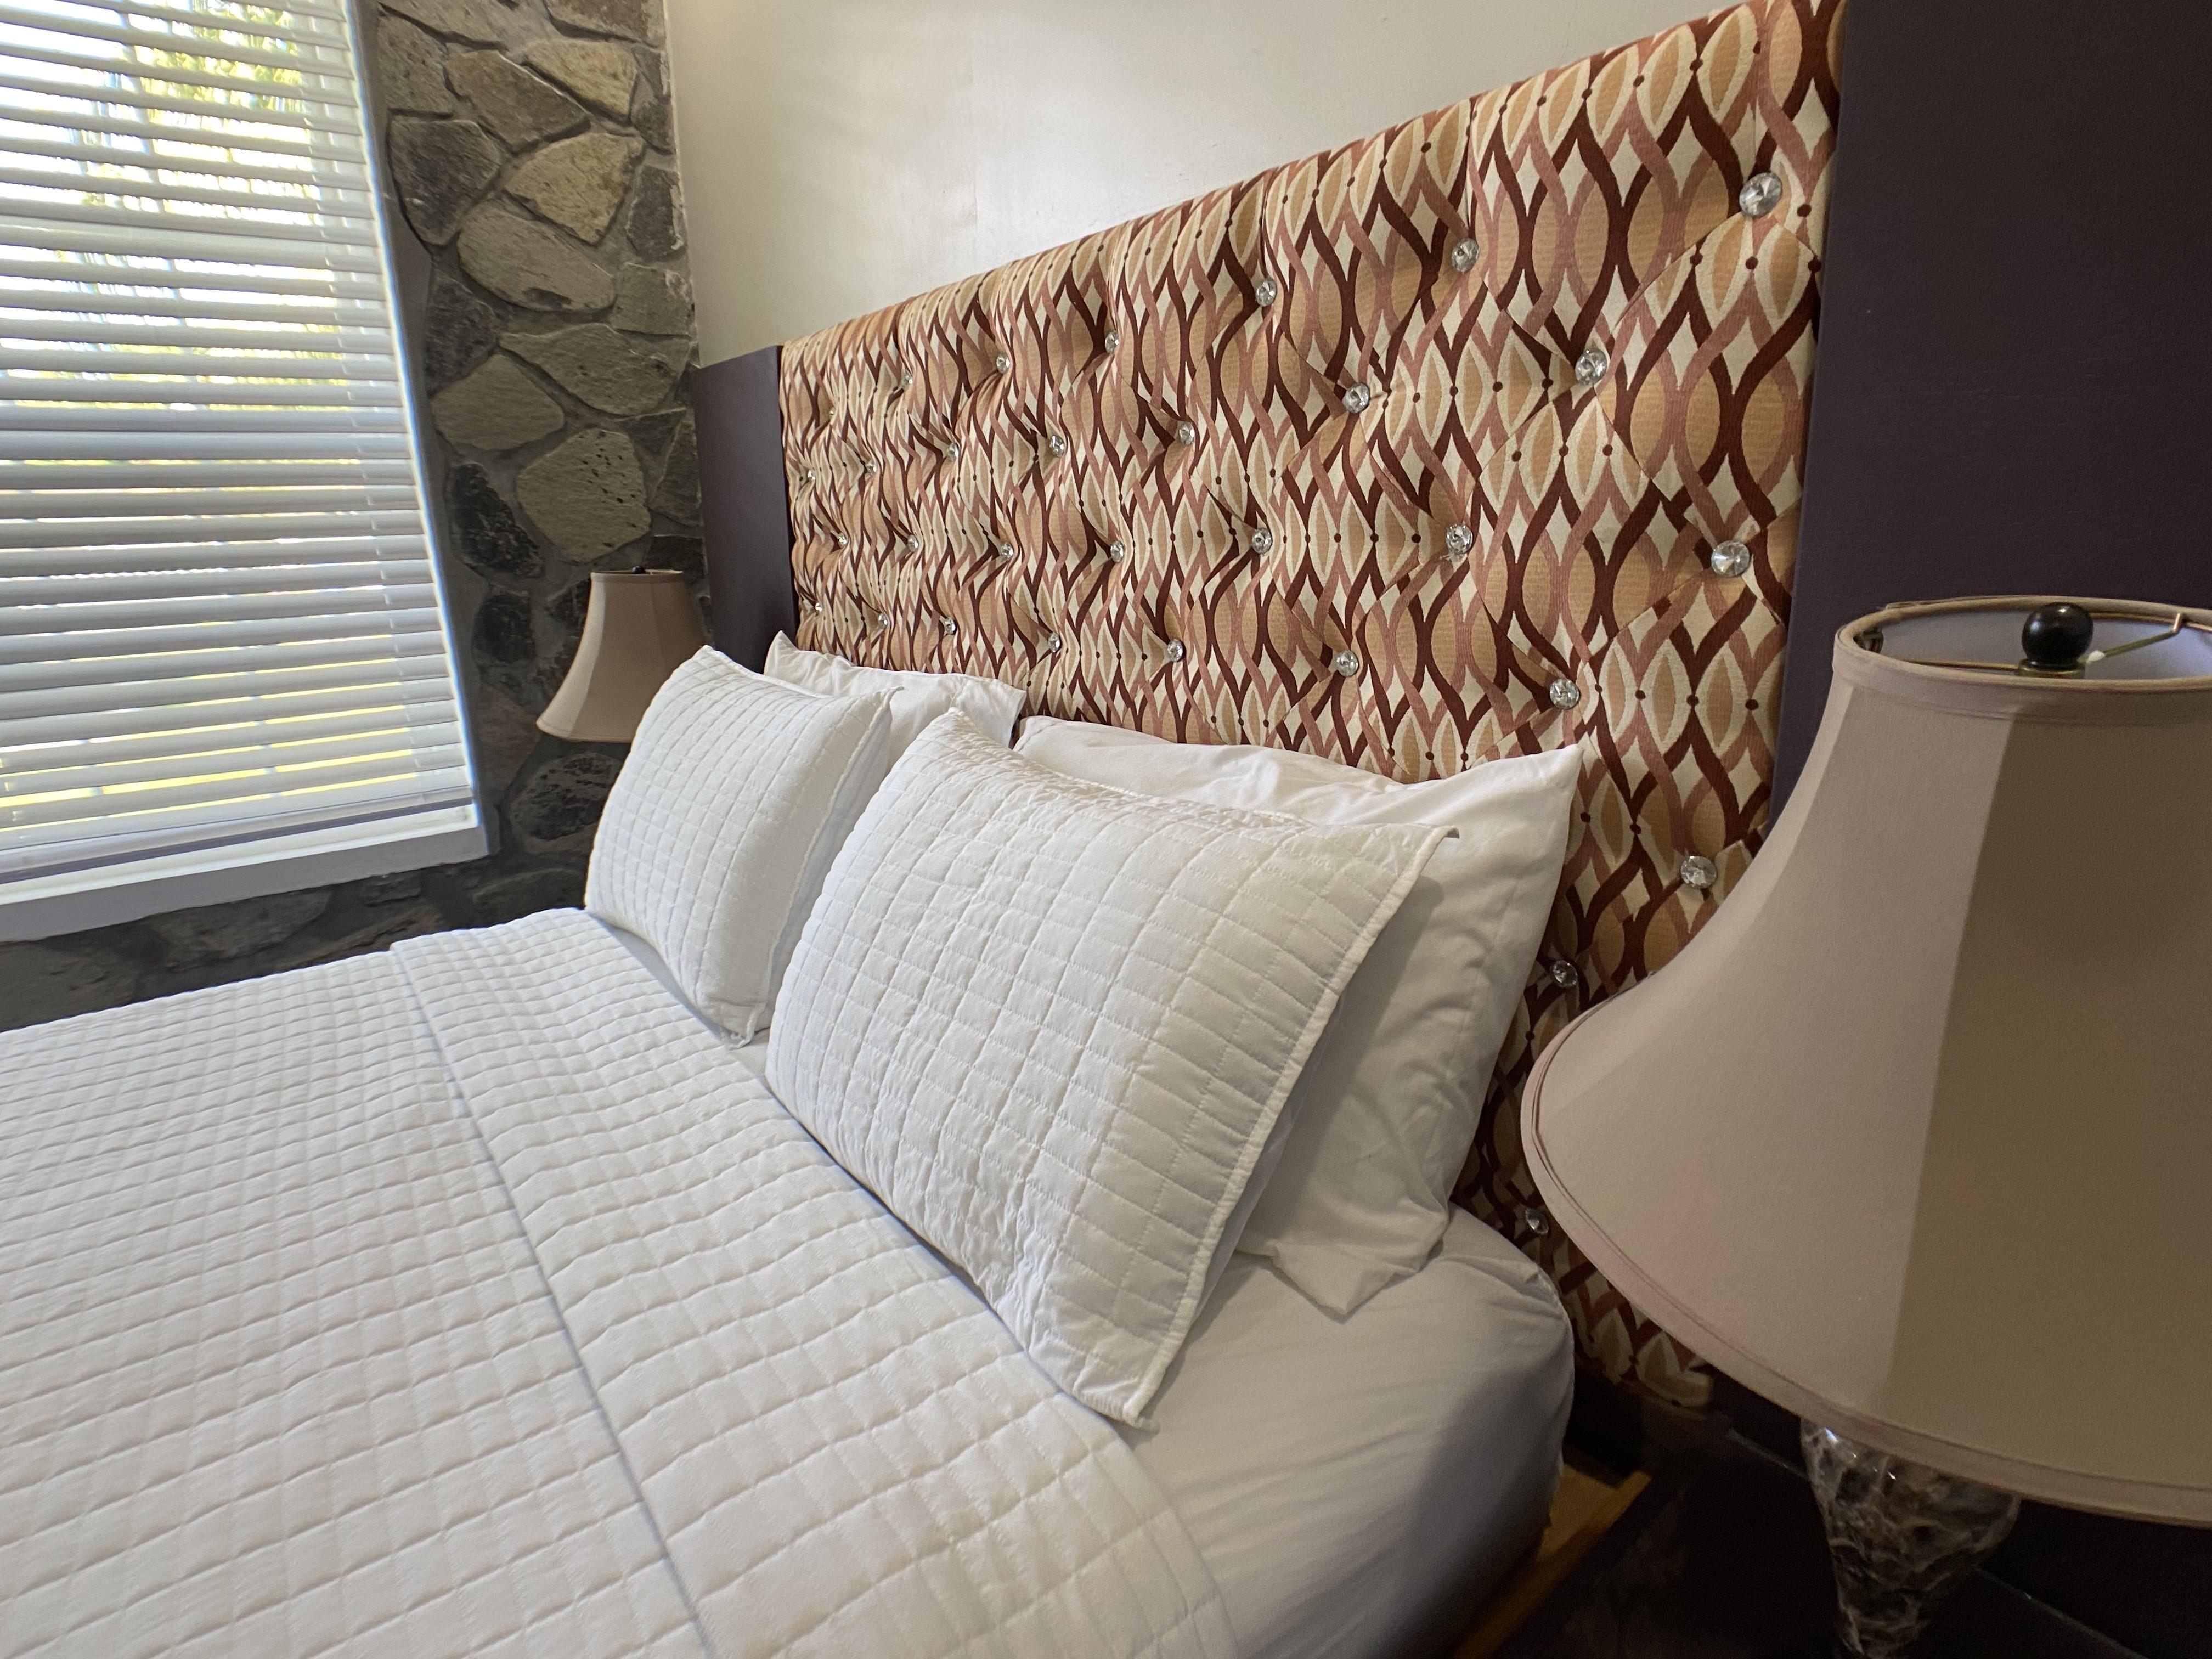 Deluxe One Bedroom standard